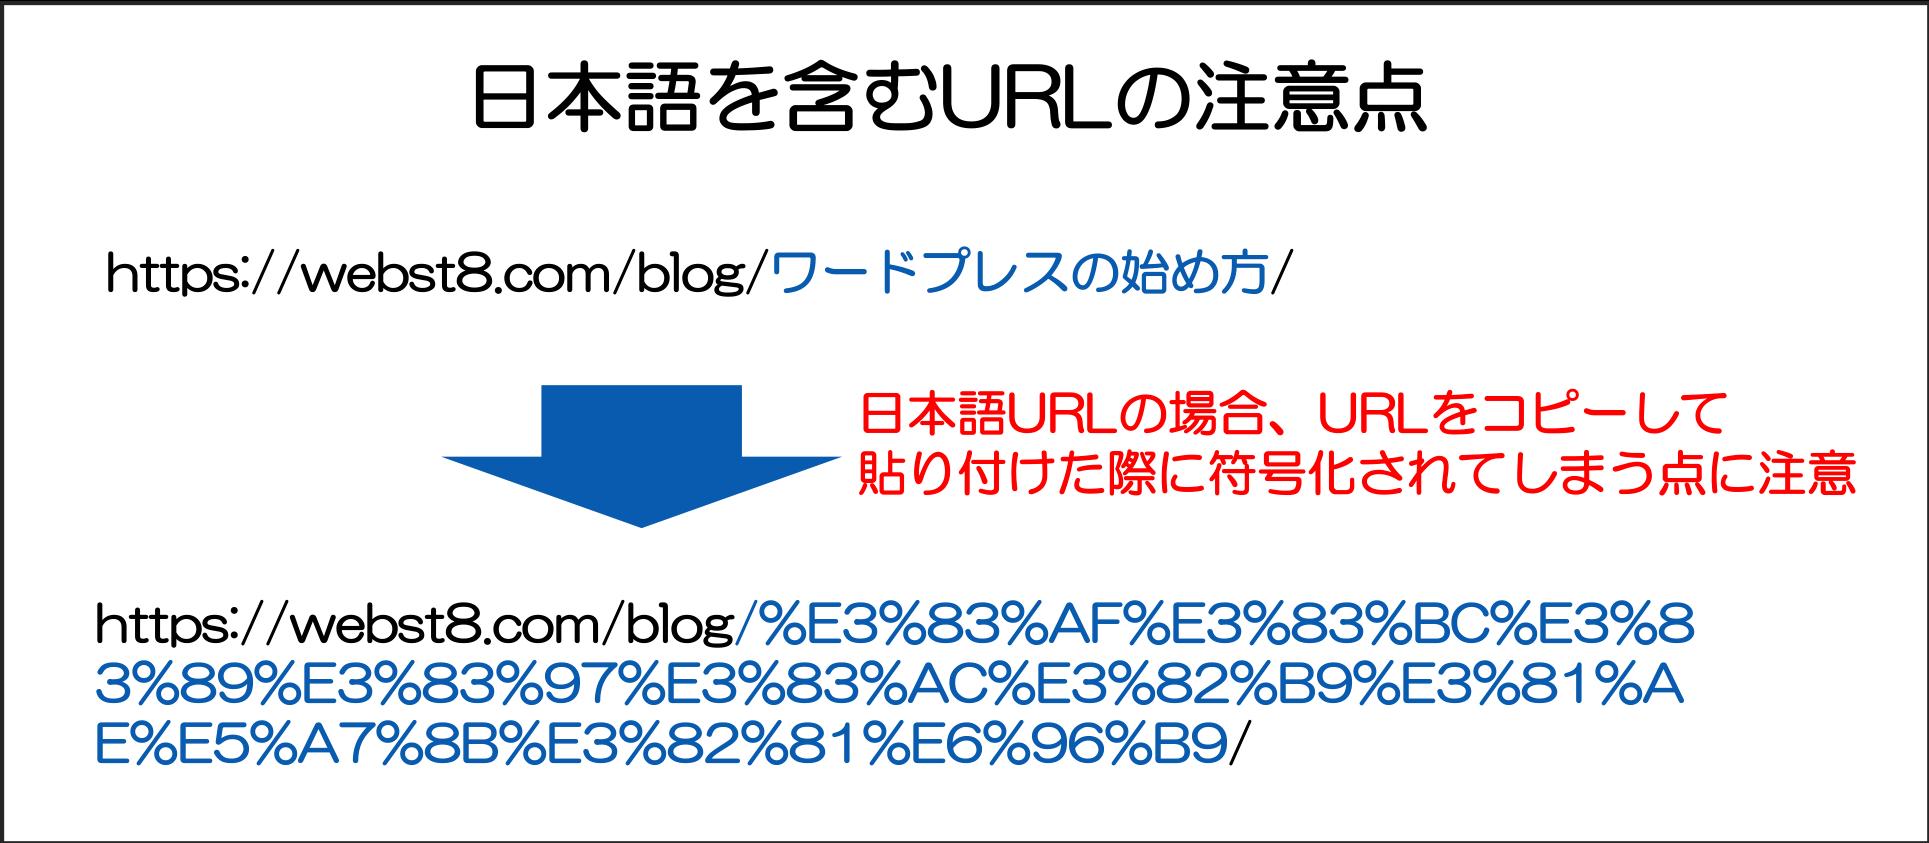 日本語を含むURLの注意点